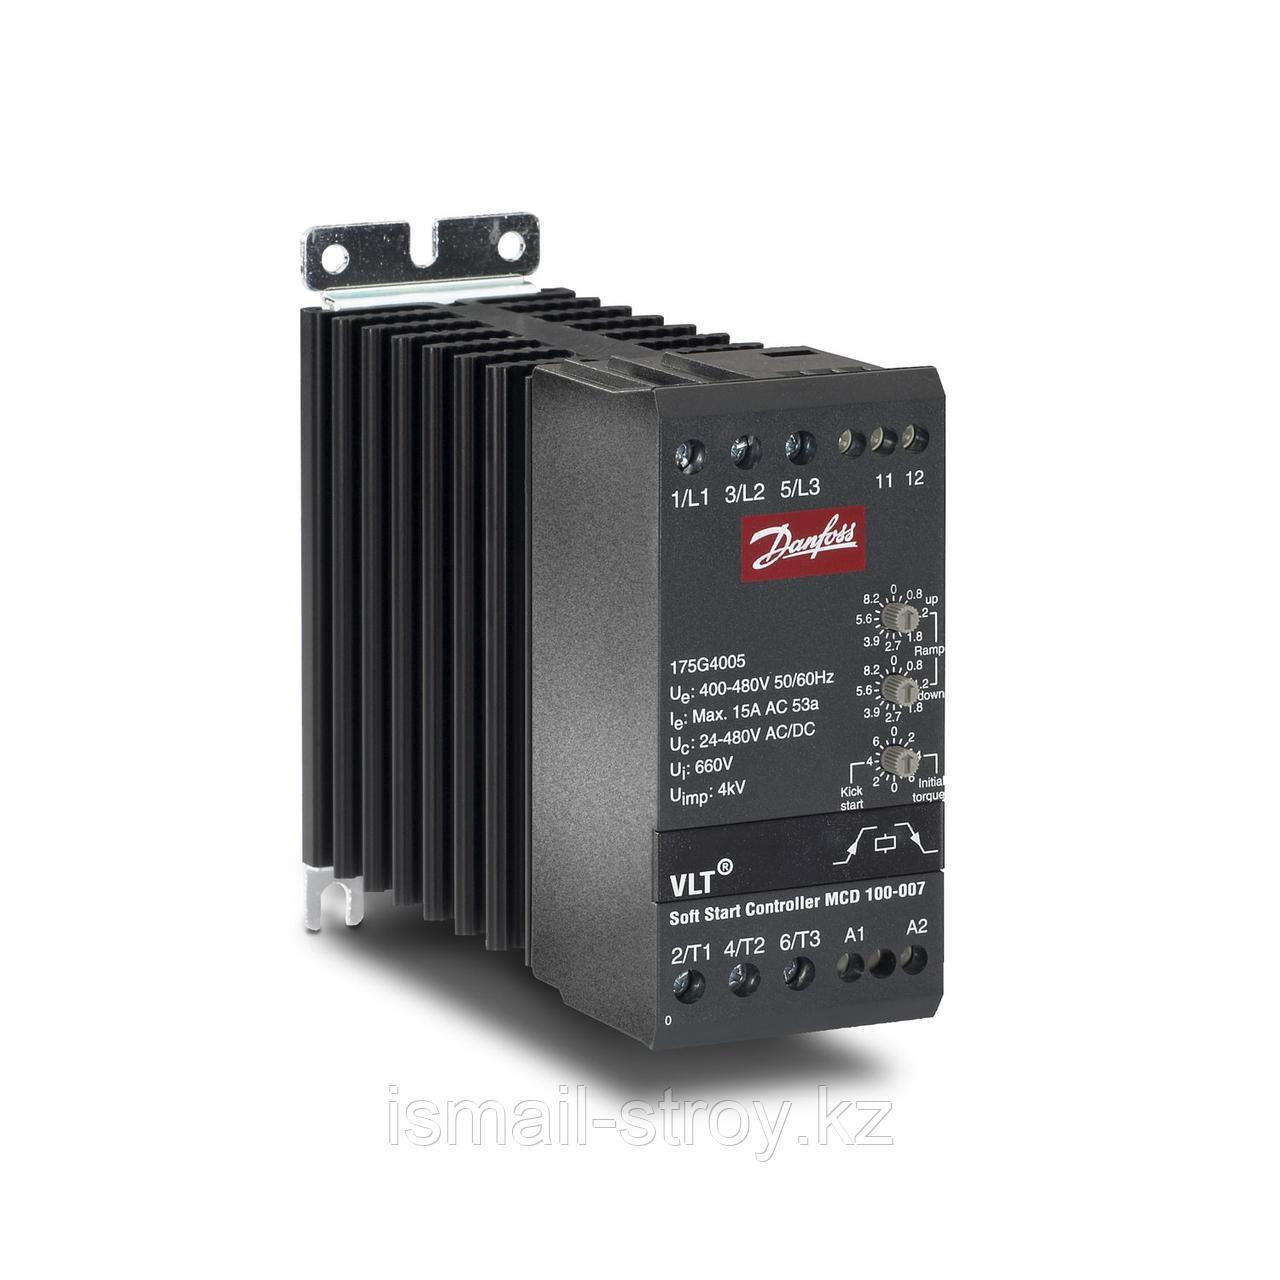 Устройство плавного пуска VLT MCD 100. 175G4008 кВт 11